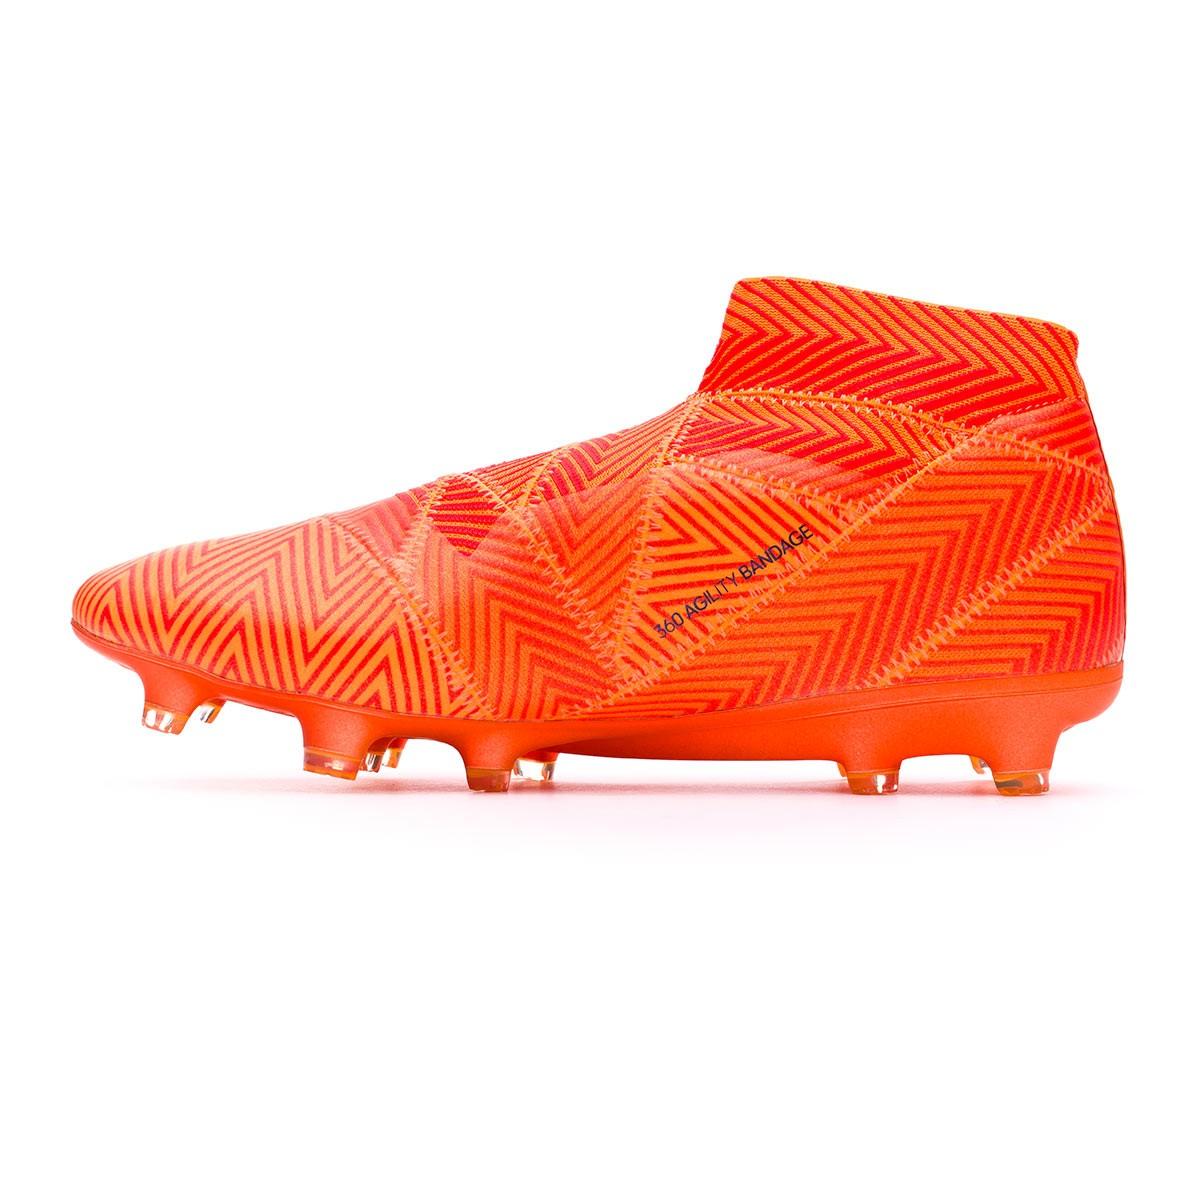 fab9b6828bce Football Boots adidas Nemeziz 18+ FG Zest-Black-Solar red - Football store  Fútbol Emotion